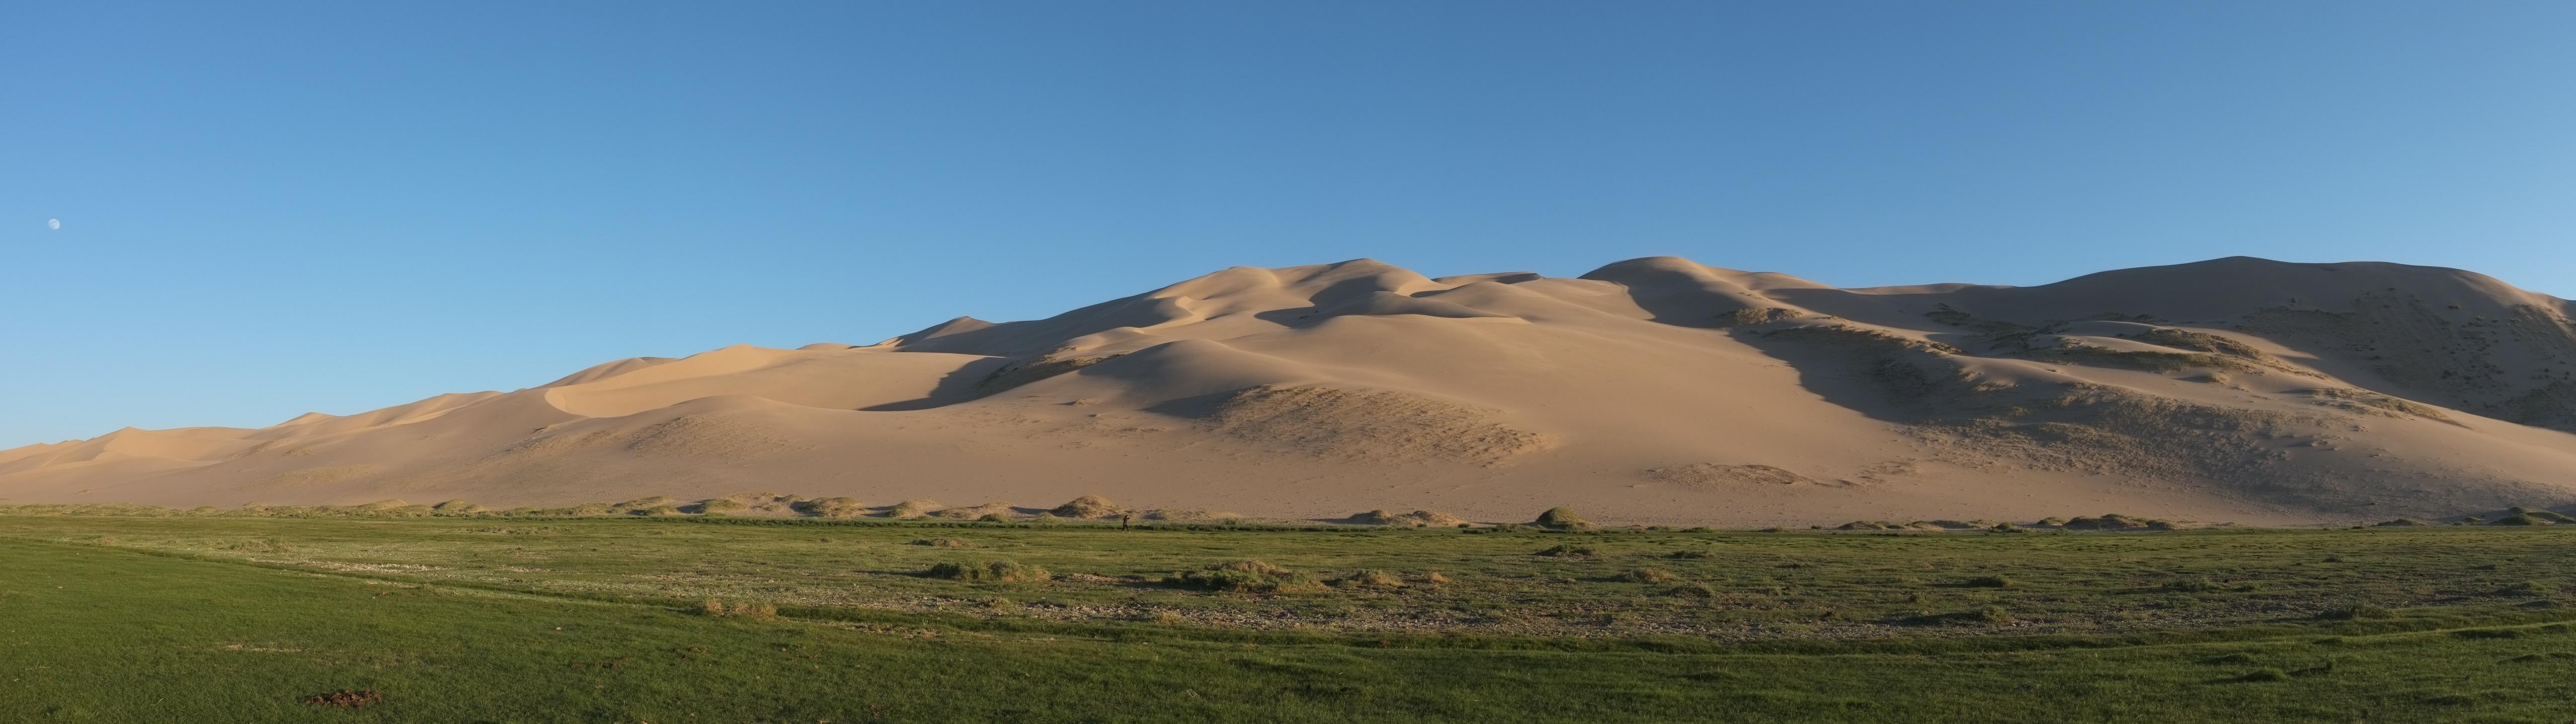 Dune de Khongor (Désert de Gobi)